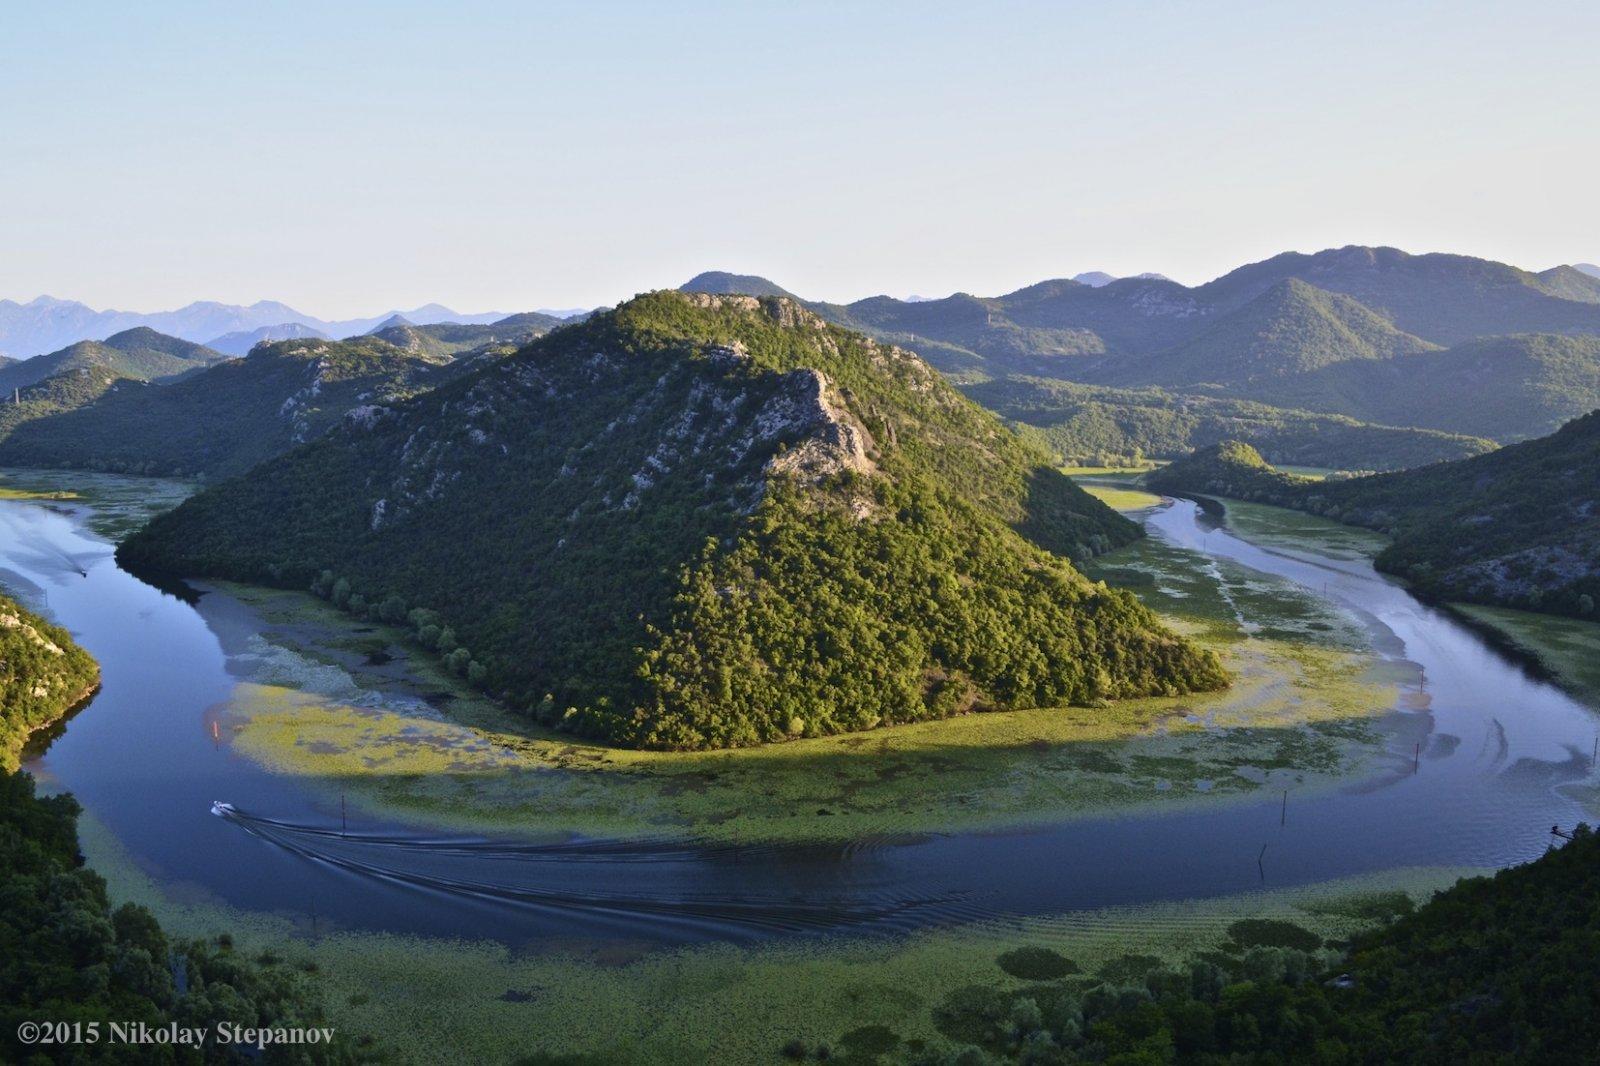 Авторский тур по Старой Черногории. Ловчен, Цетине и нац. парк «Скадарское озеро», его панорамы